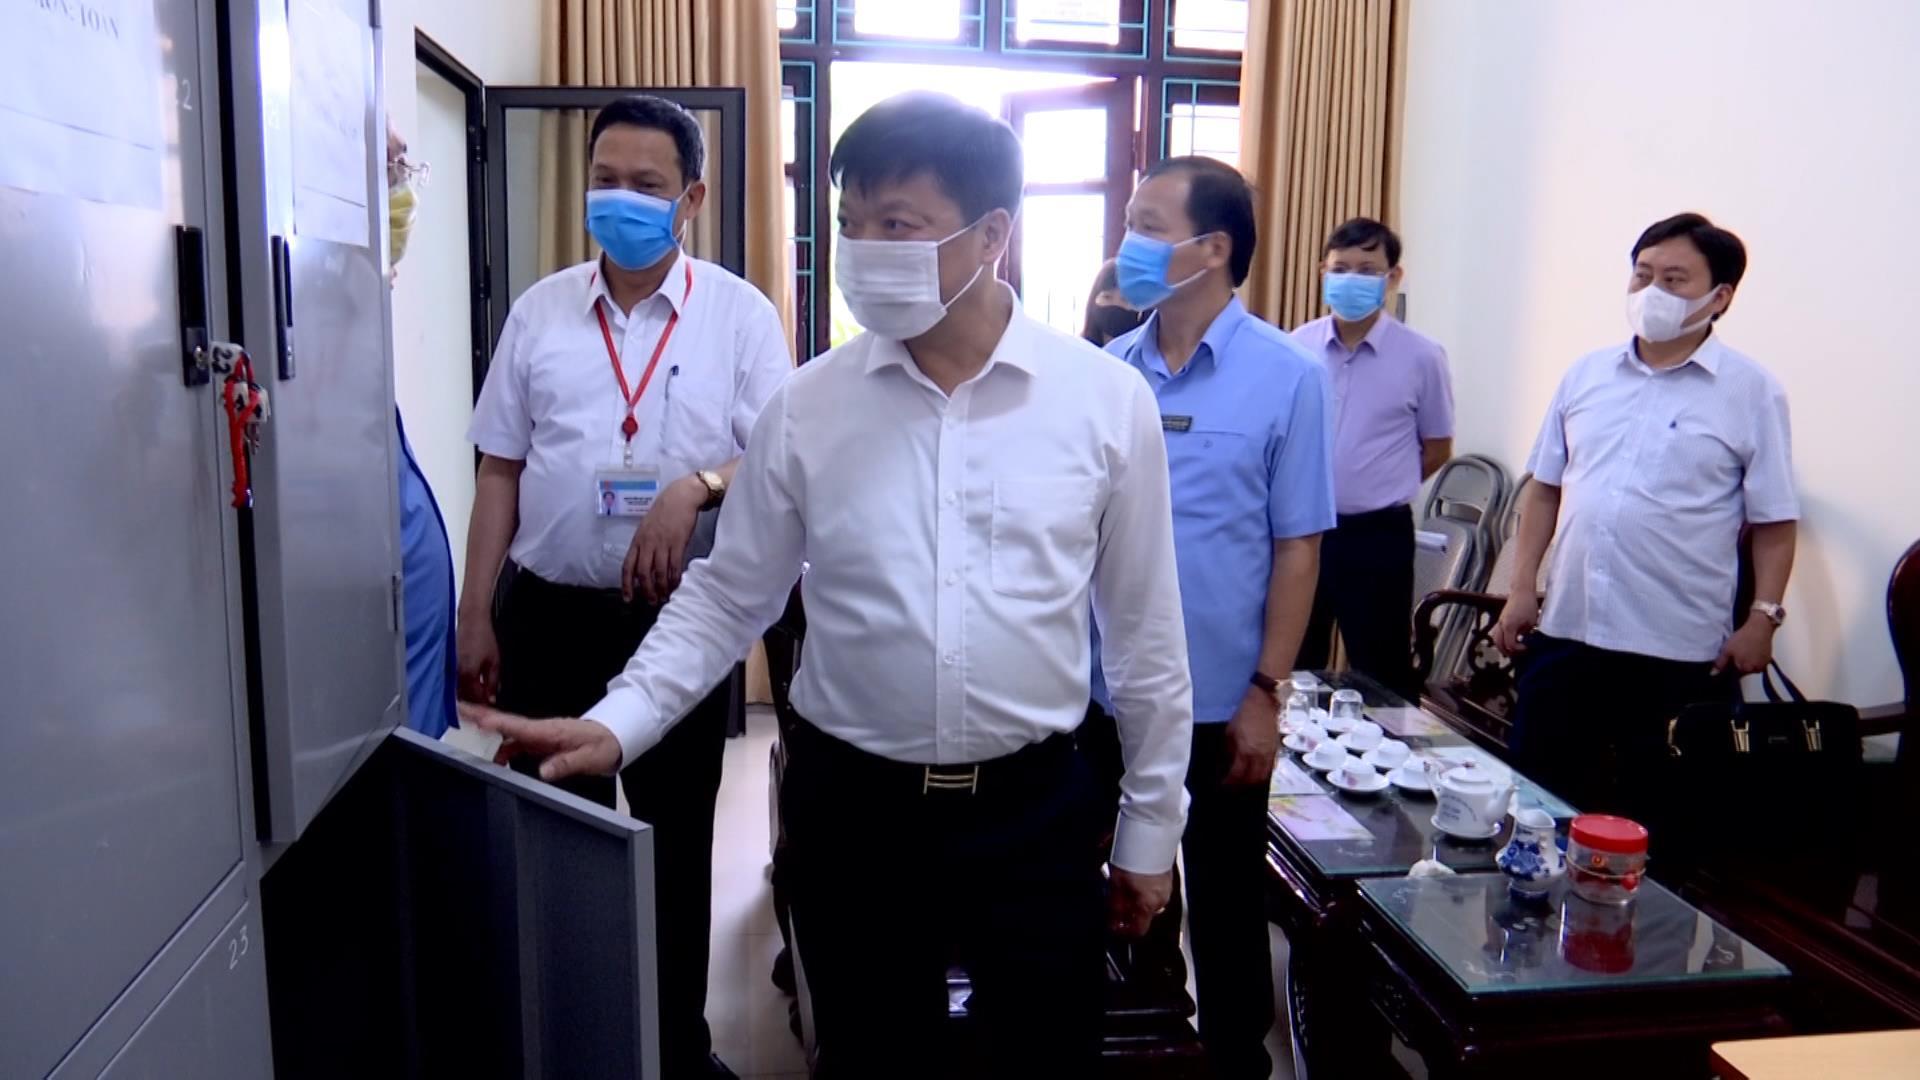 Phó Chủ tịch UBND tỉnh Đào Quang Khải kiểm tra chuẩn bị thi tốt nghiệp THPT năm 2020